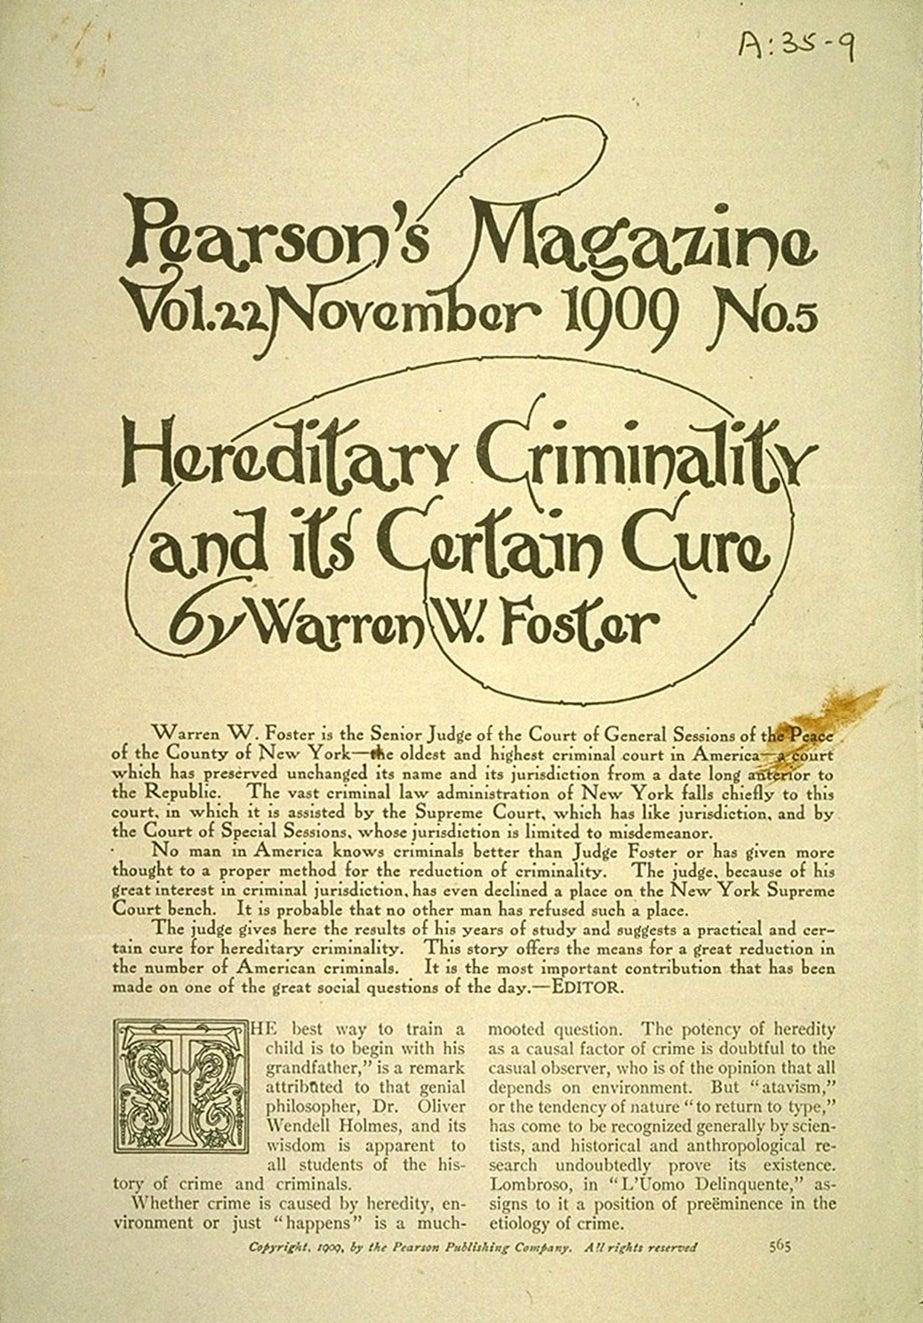 Hereditary criminality 1909